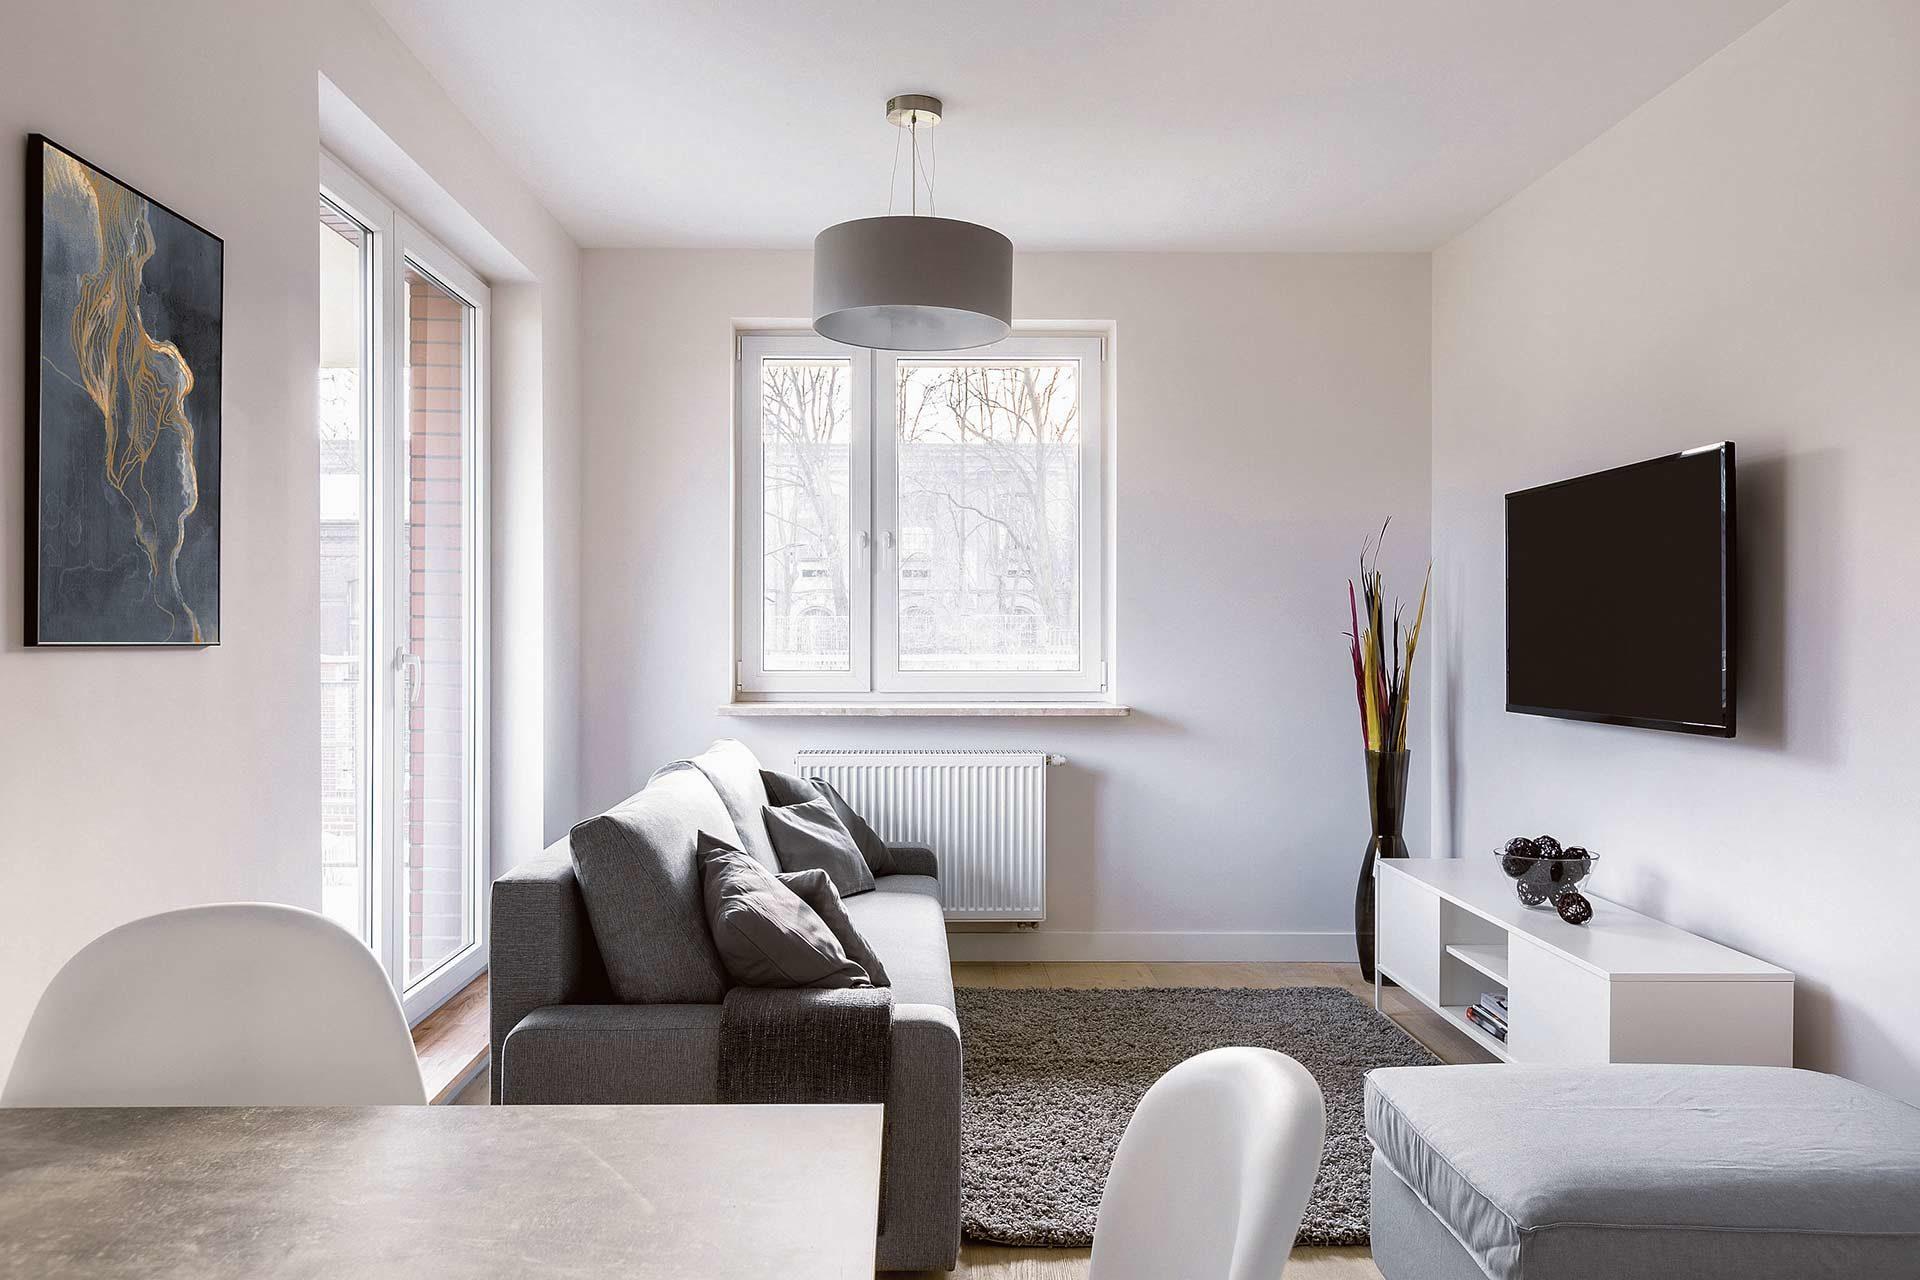 Arredare case piccole: 7 idee salvaspazio